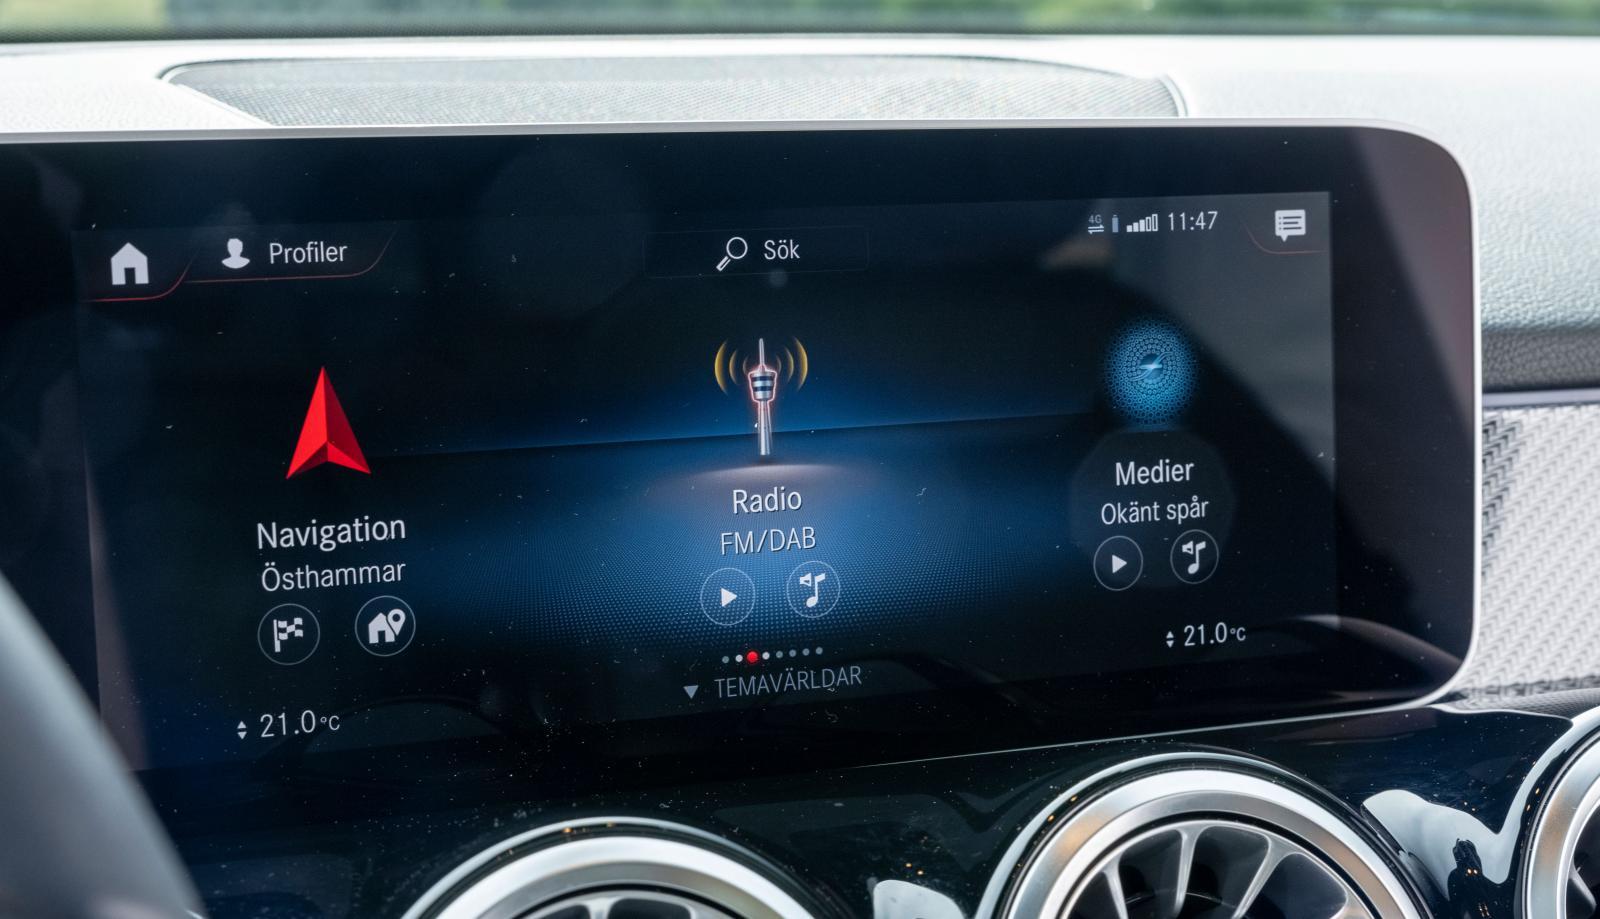 Mercedes: MBUX-systemet har oöverskådligt många finesser och funktioner. Krispig grafik! Testbilens ljudanläggning (Burmester, 4800 kronor extra) lät ovanligt bra.